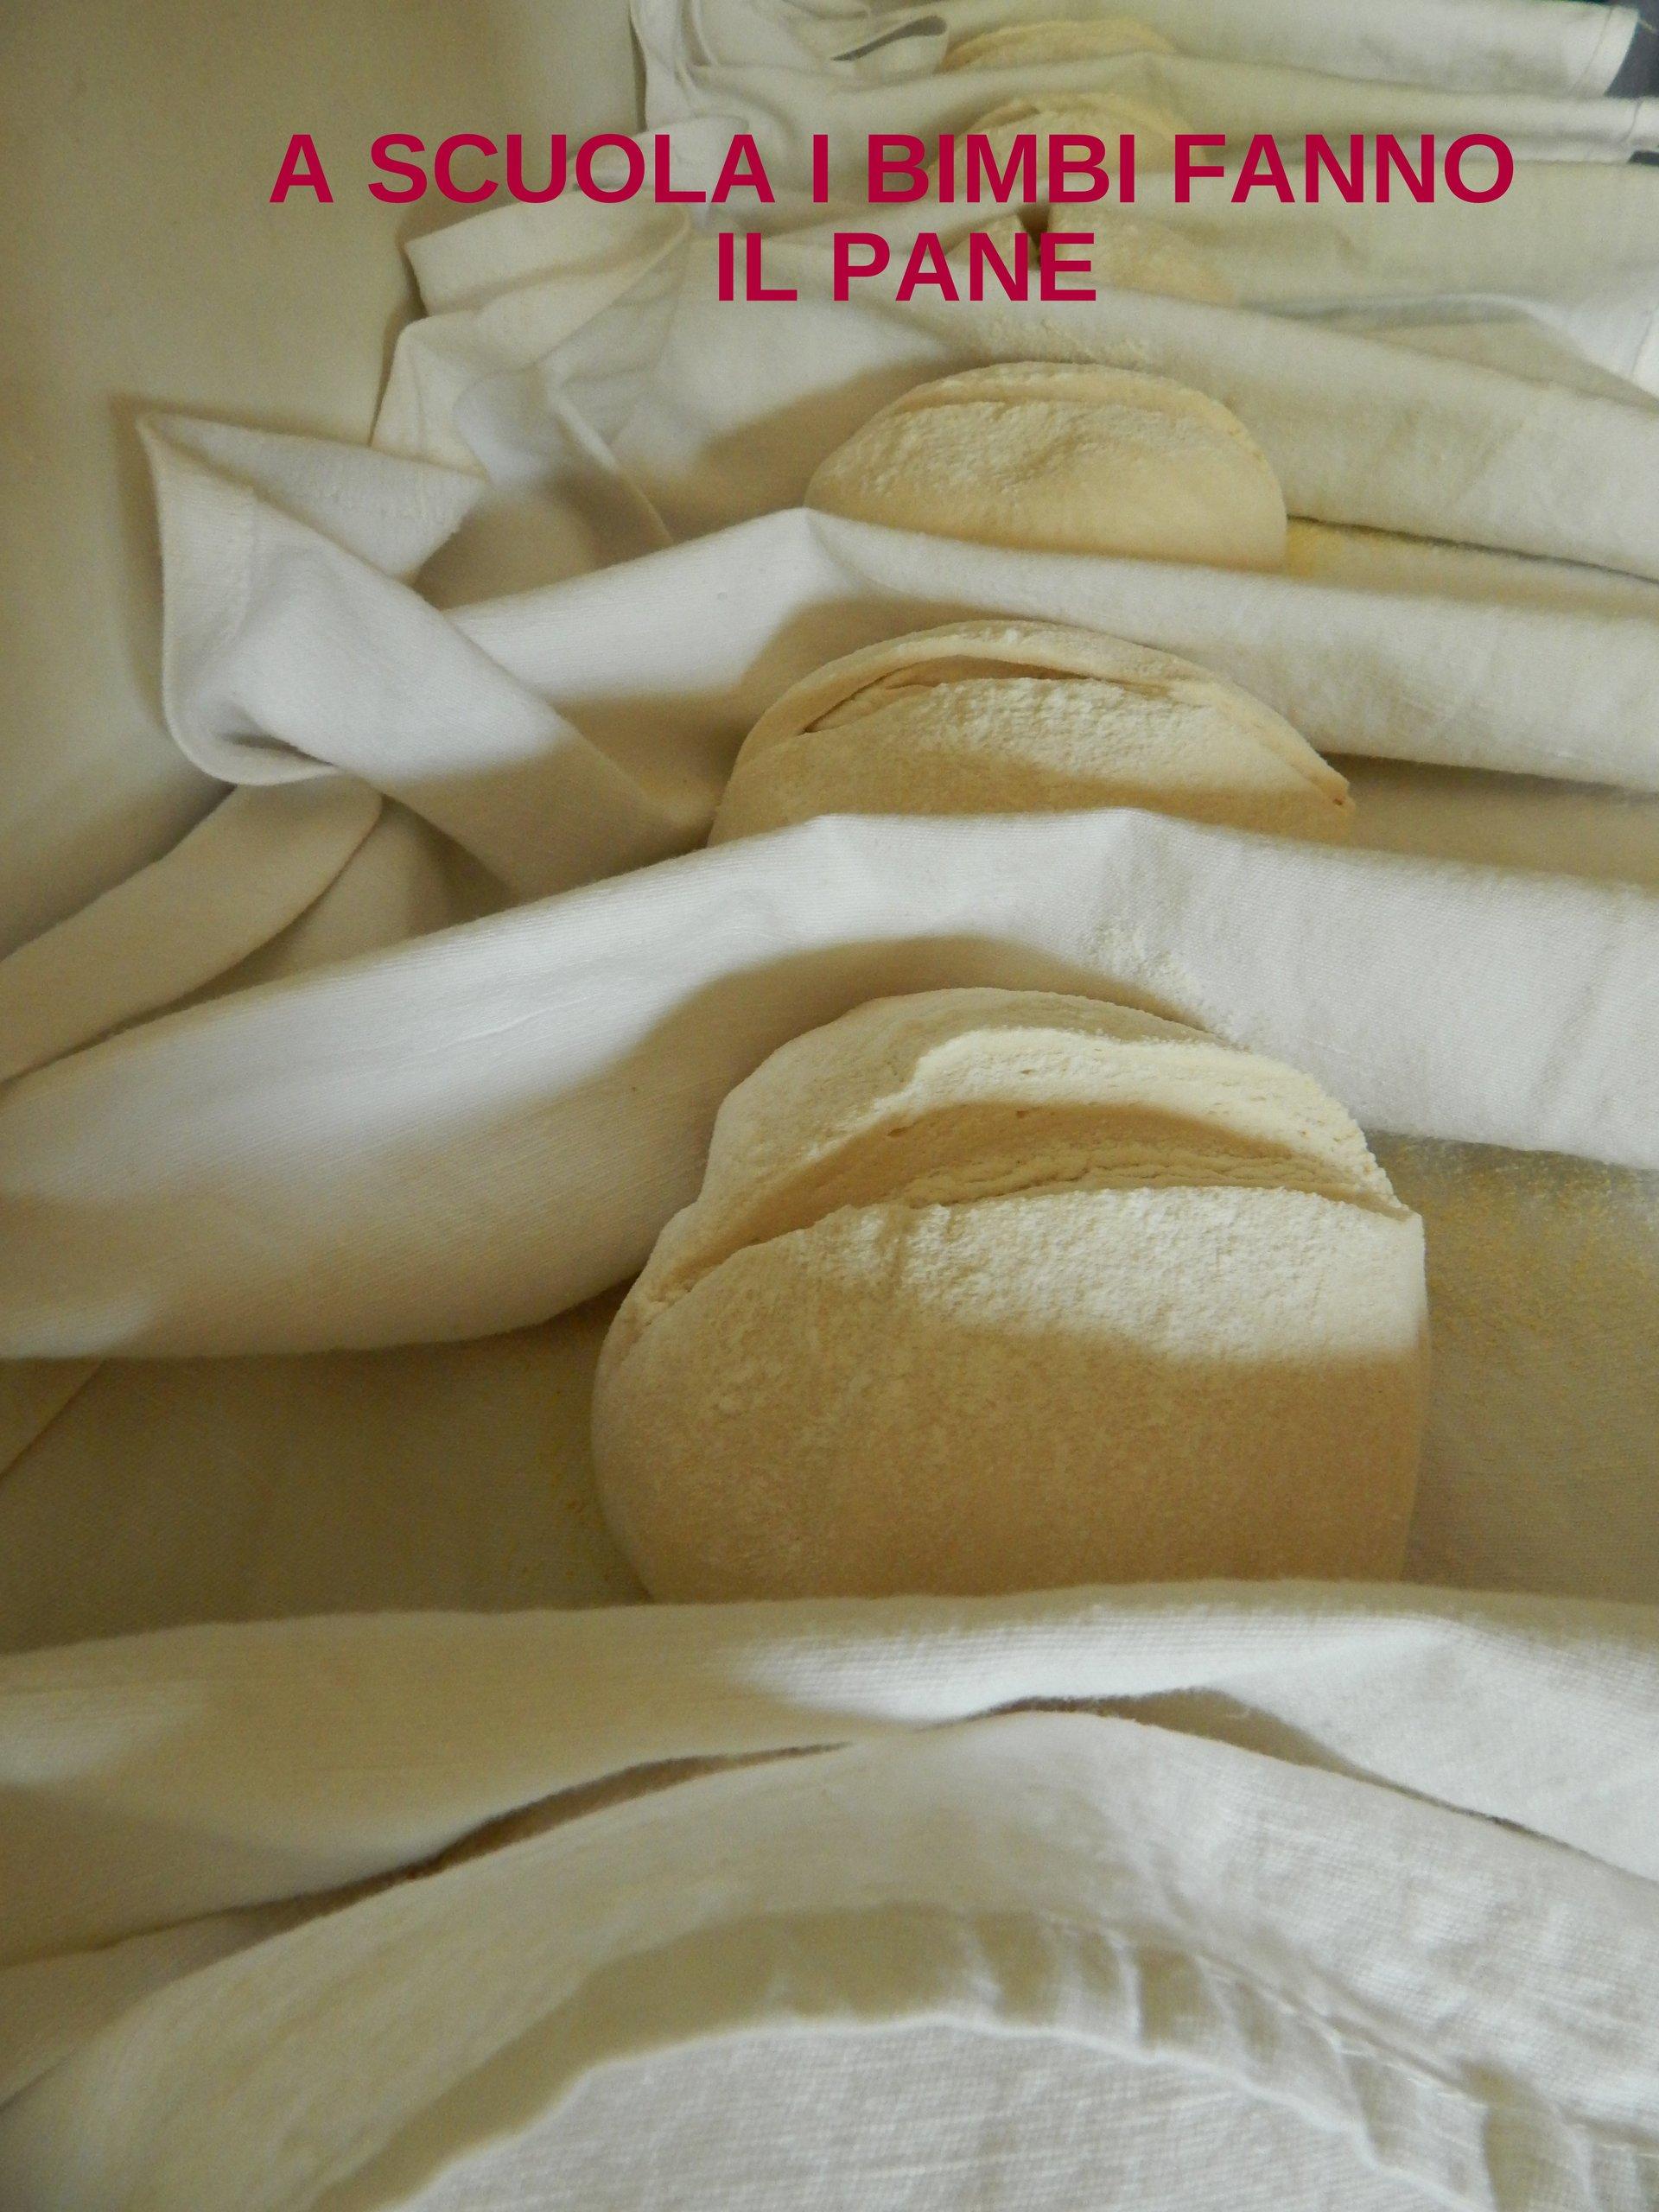 a scuola i bimbi fanno il pane